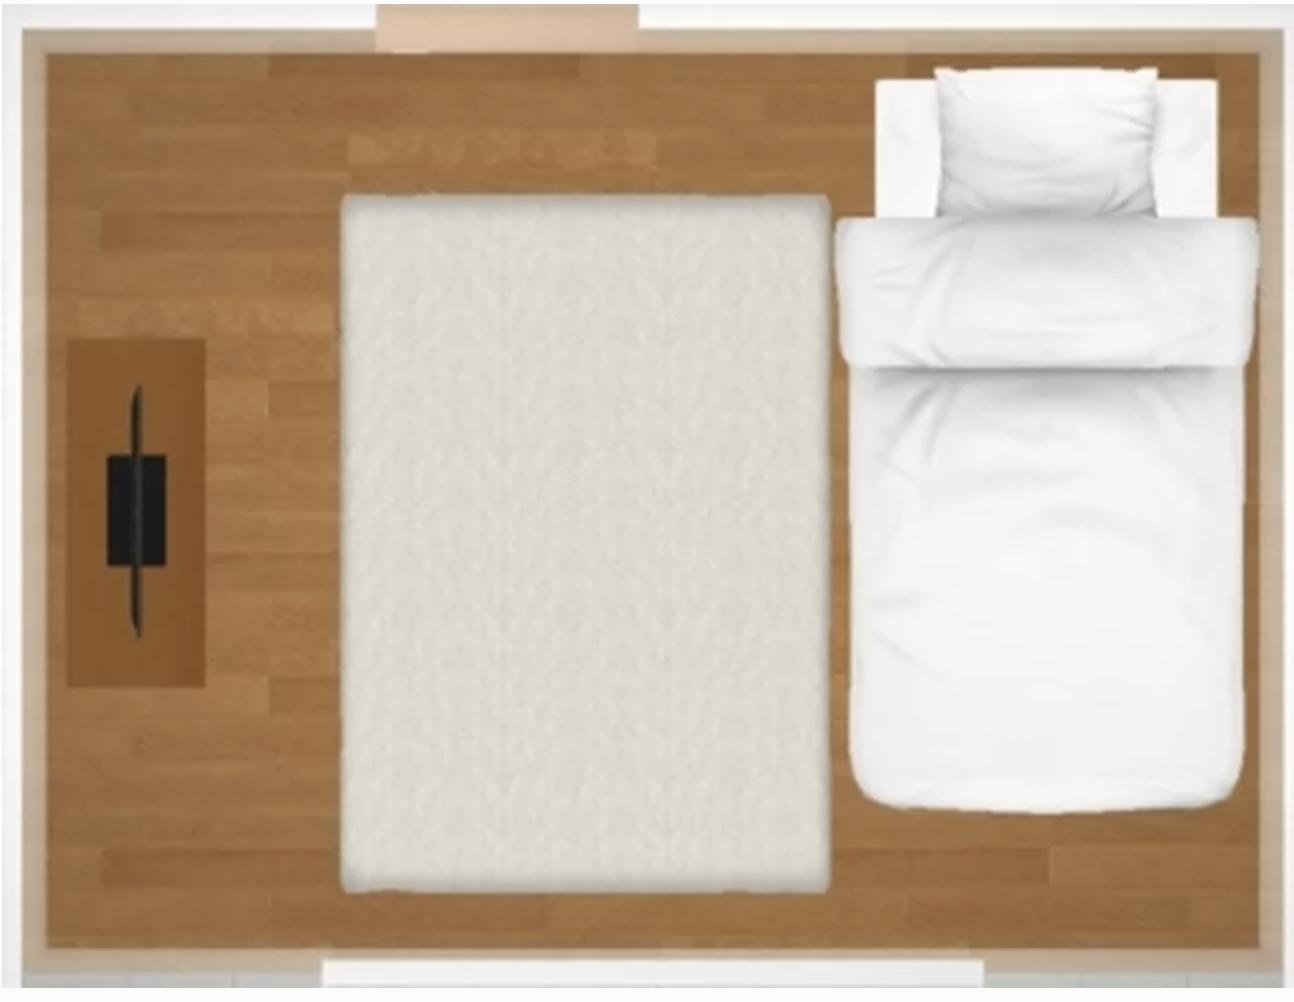 6畳1Kに、短い方の壁に寄せてシングルベッドを置くと、サイズ感はこんな感じ。ほぼ、ベッド横に通れるスペースは無くなることに注意です。